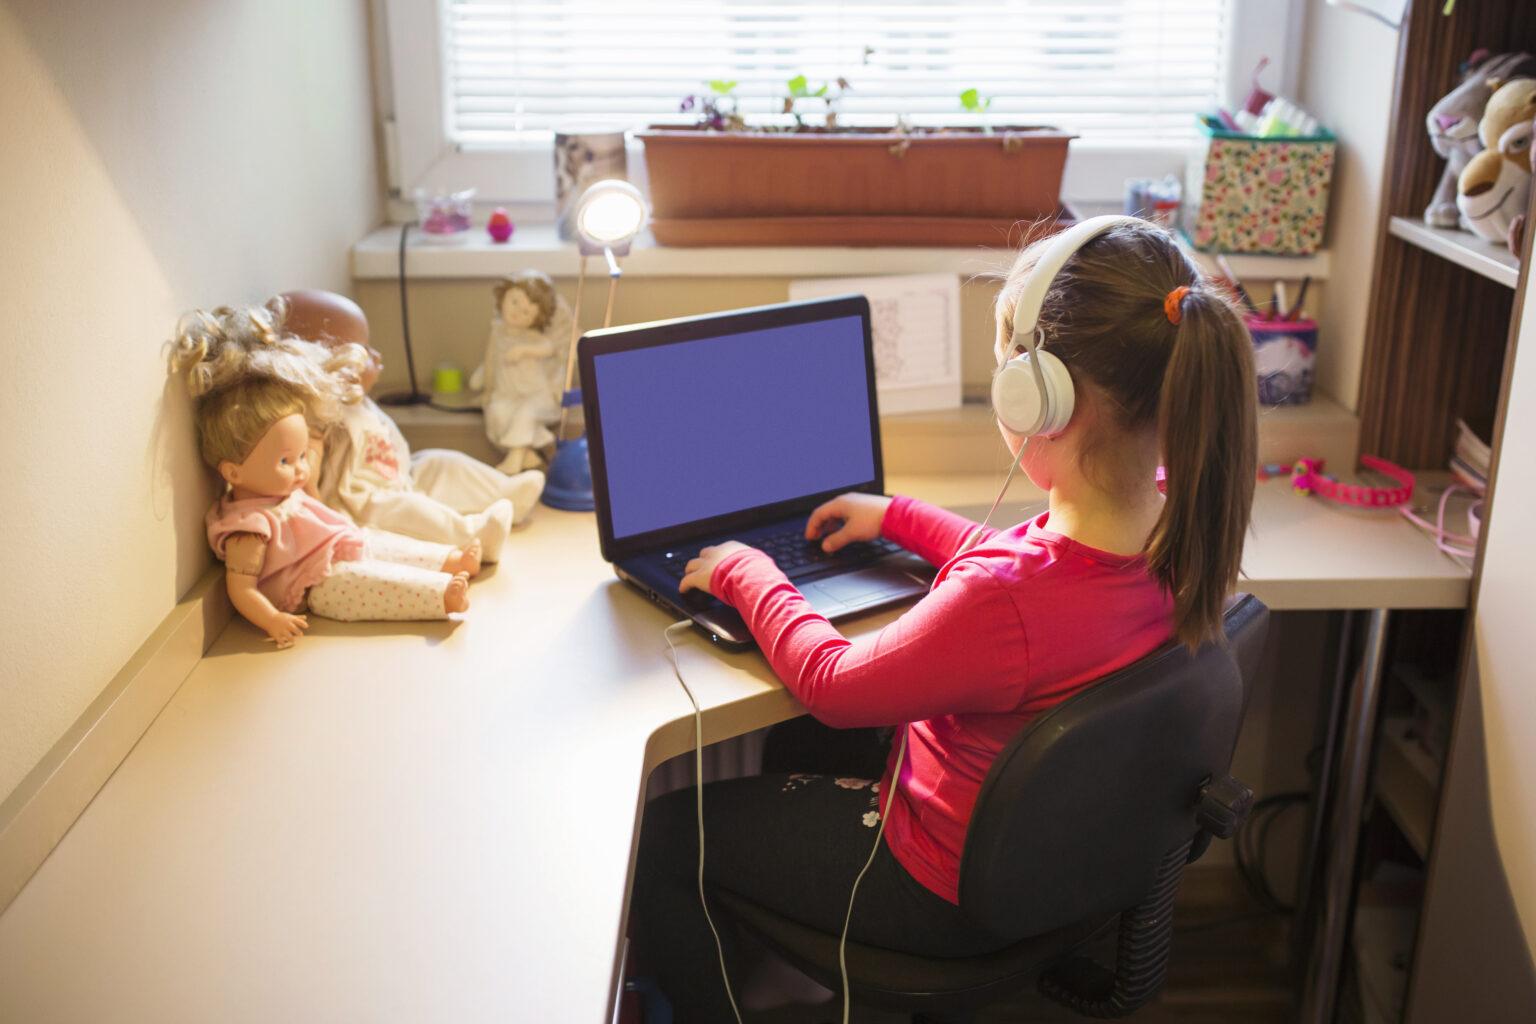 Menina com fone de ouvido na frente do computador estudando